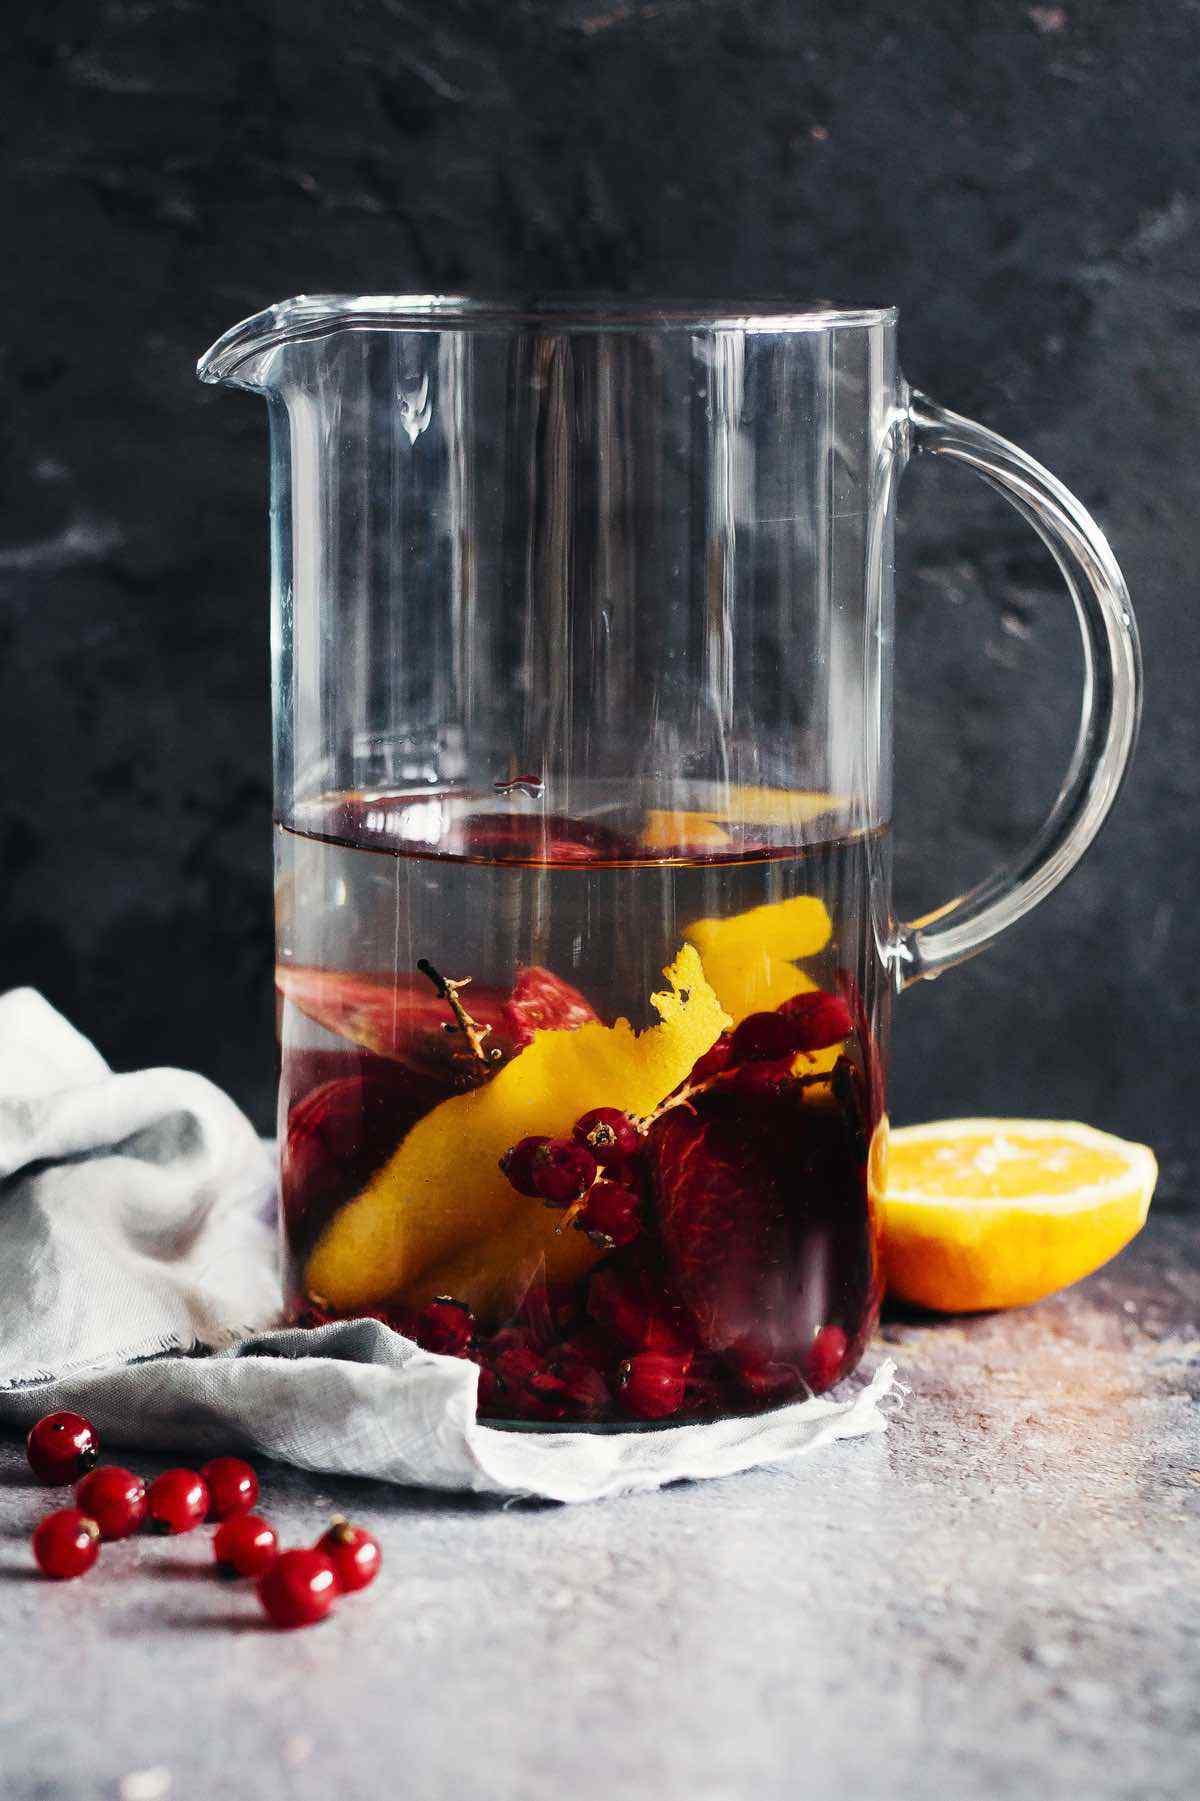 Cranberry Orange Zest Beet Detox Water